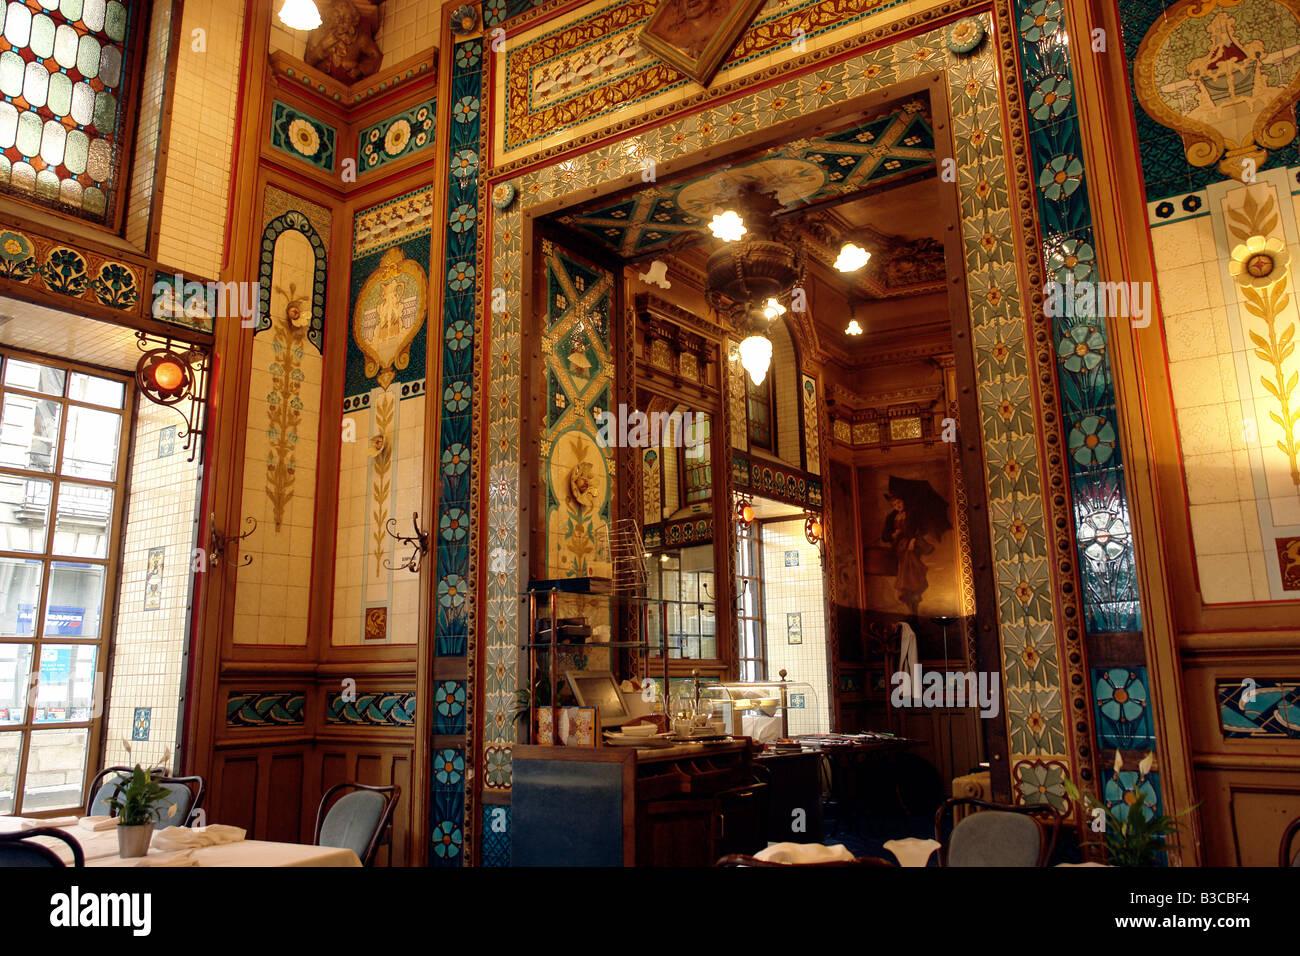 France Nantes Loire Atlantique The restaurant La Cigale an art ...